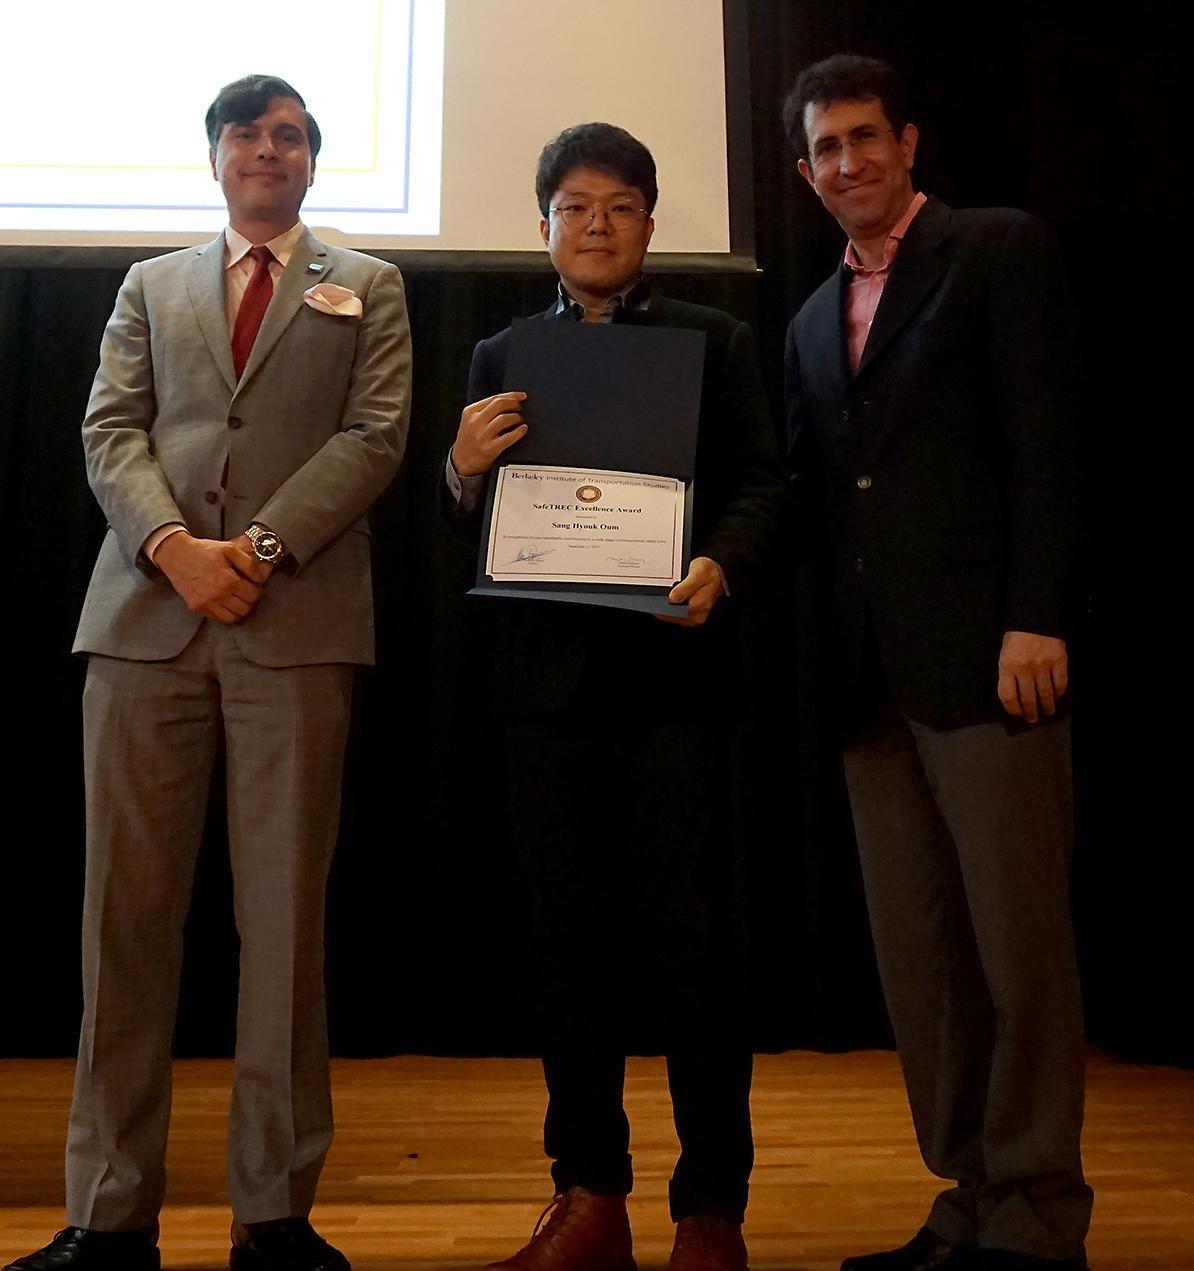 Oum SafeTREC Excellence Award